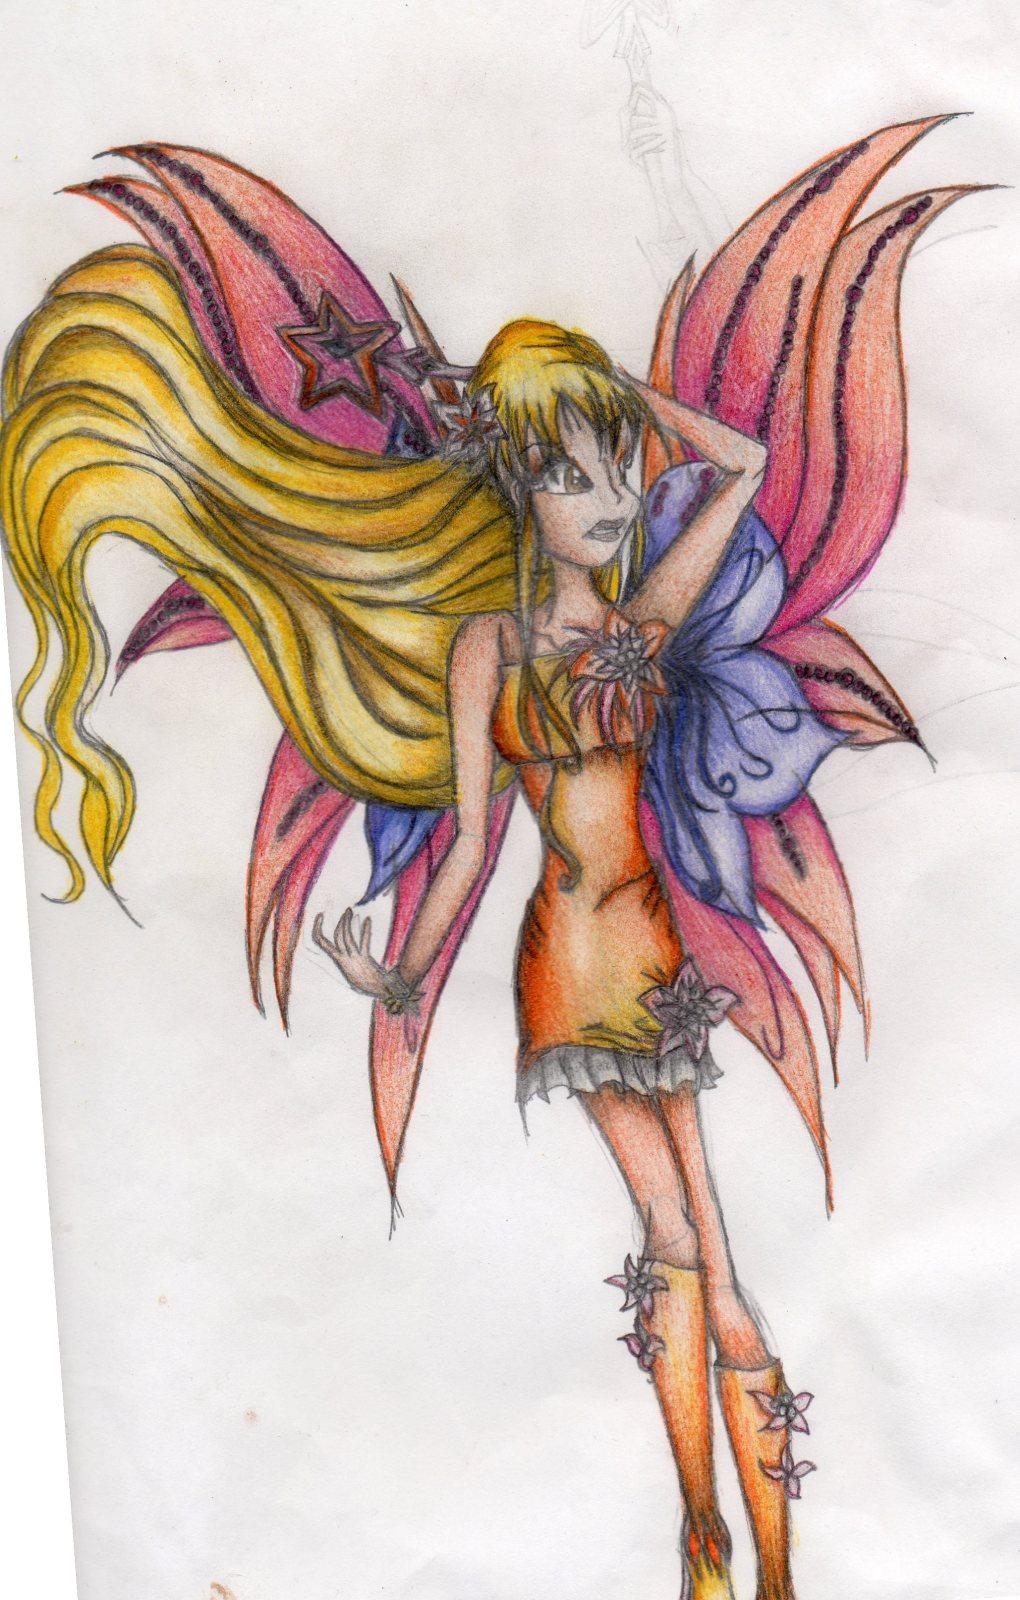 Tessa's fan art 122lwea